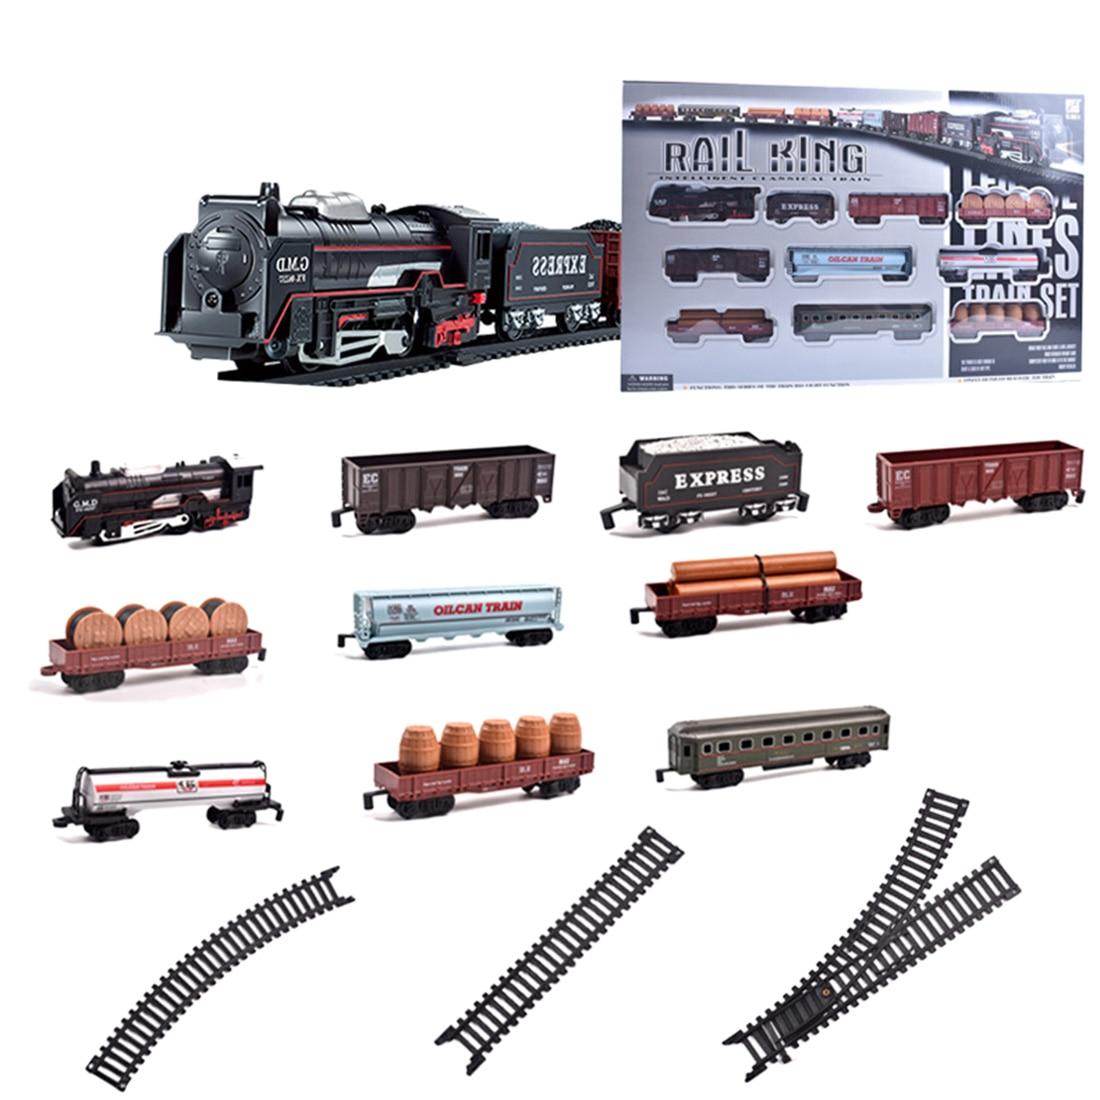 Crianças trem ferroviário elétrico mini playset clássico pequeno trem brinquedos modelo kits de construção